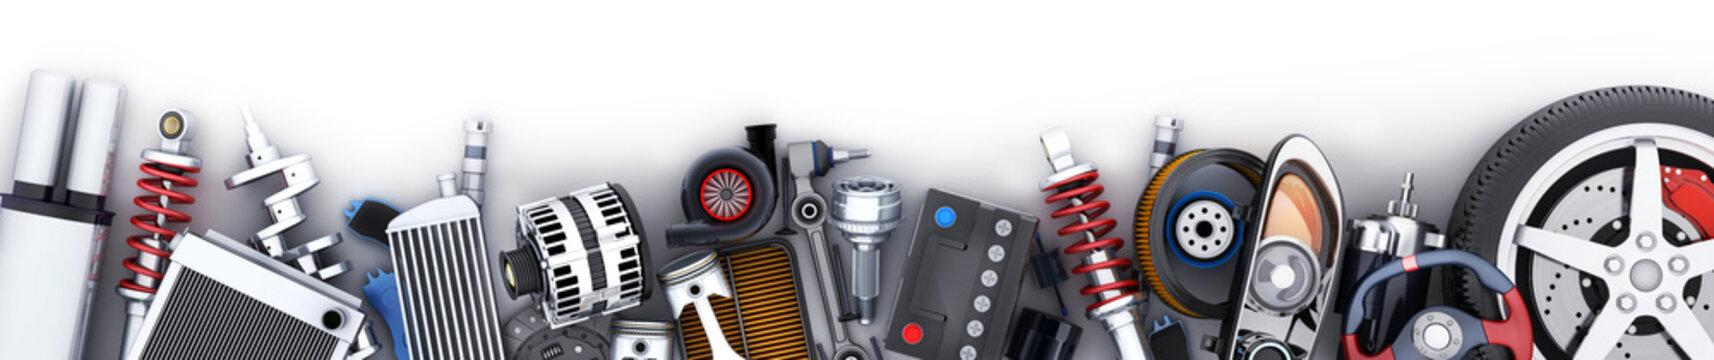 Many car parts row